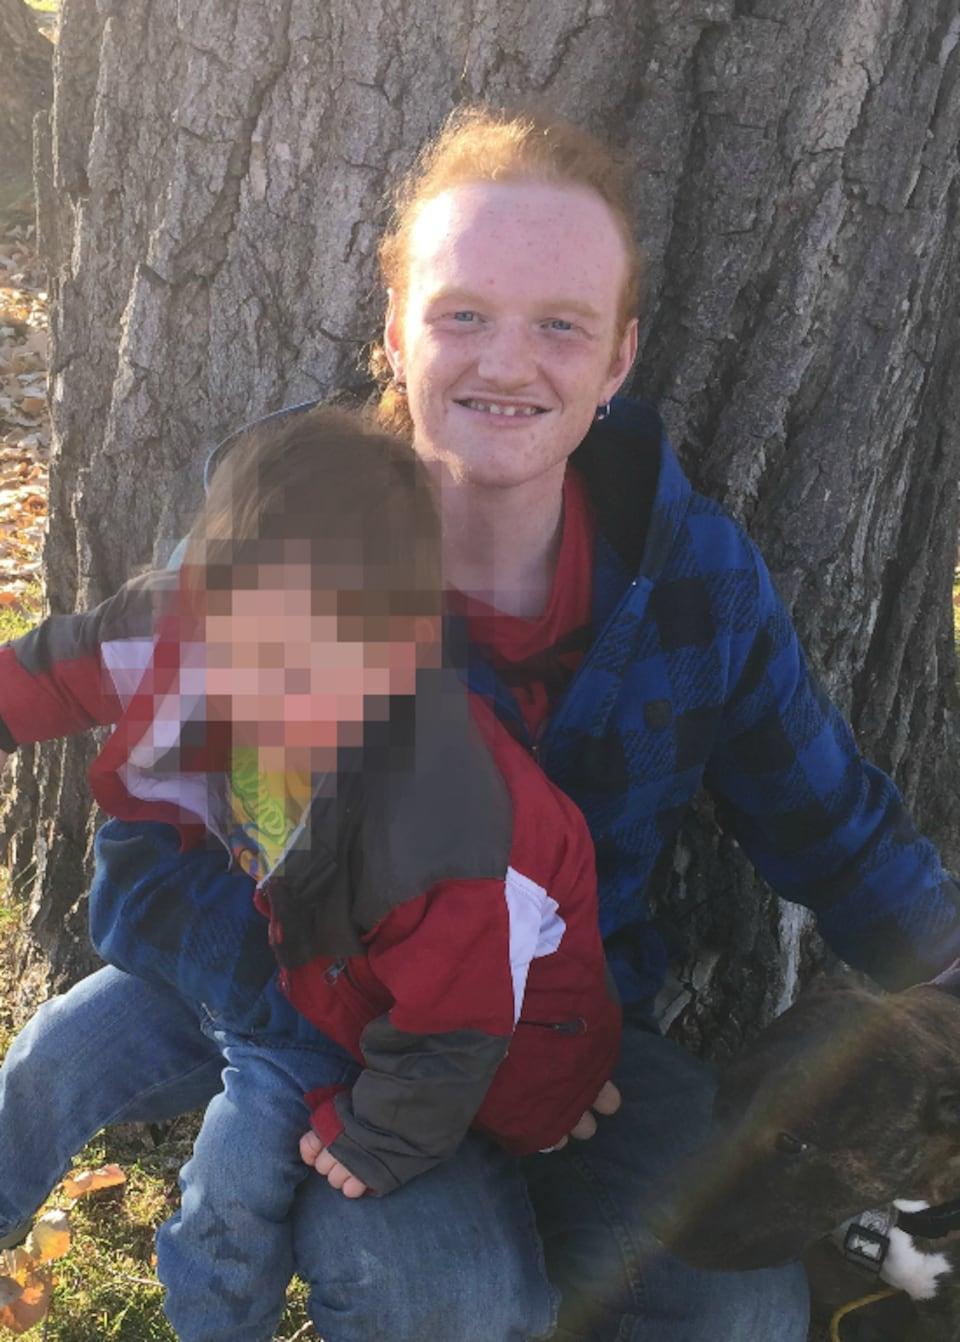 Logan Ring et son fils qui avait deux ans lorsque la photo a été prise.